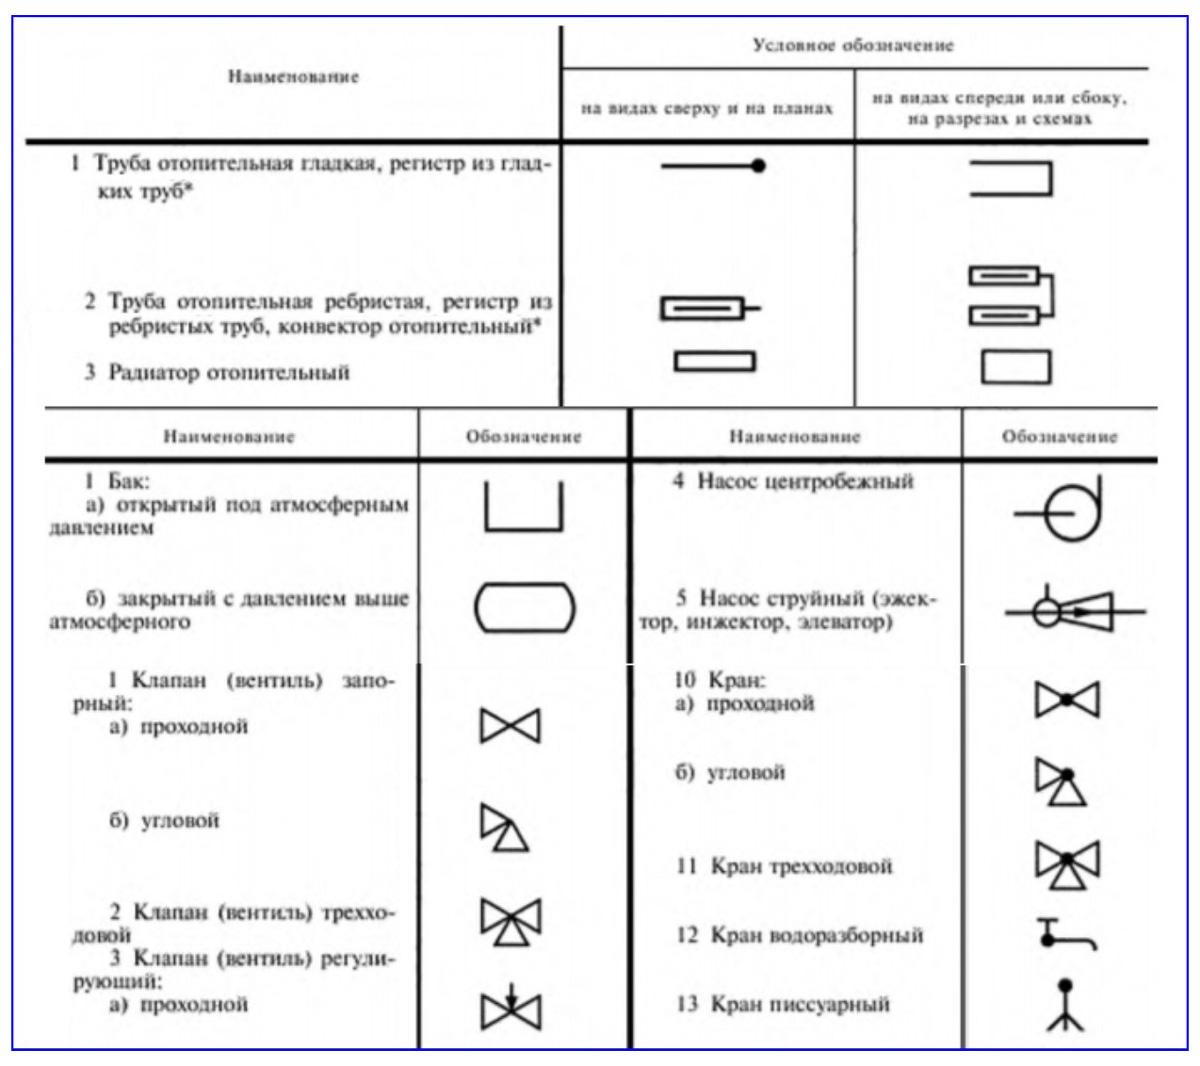 Условные обозначения на схемах элементов отопительных систем по ГОСТ 21.205-93.